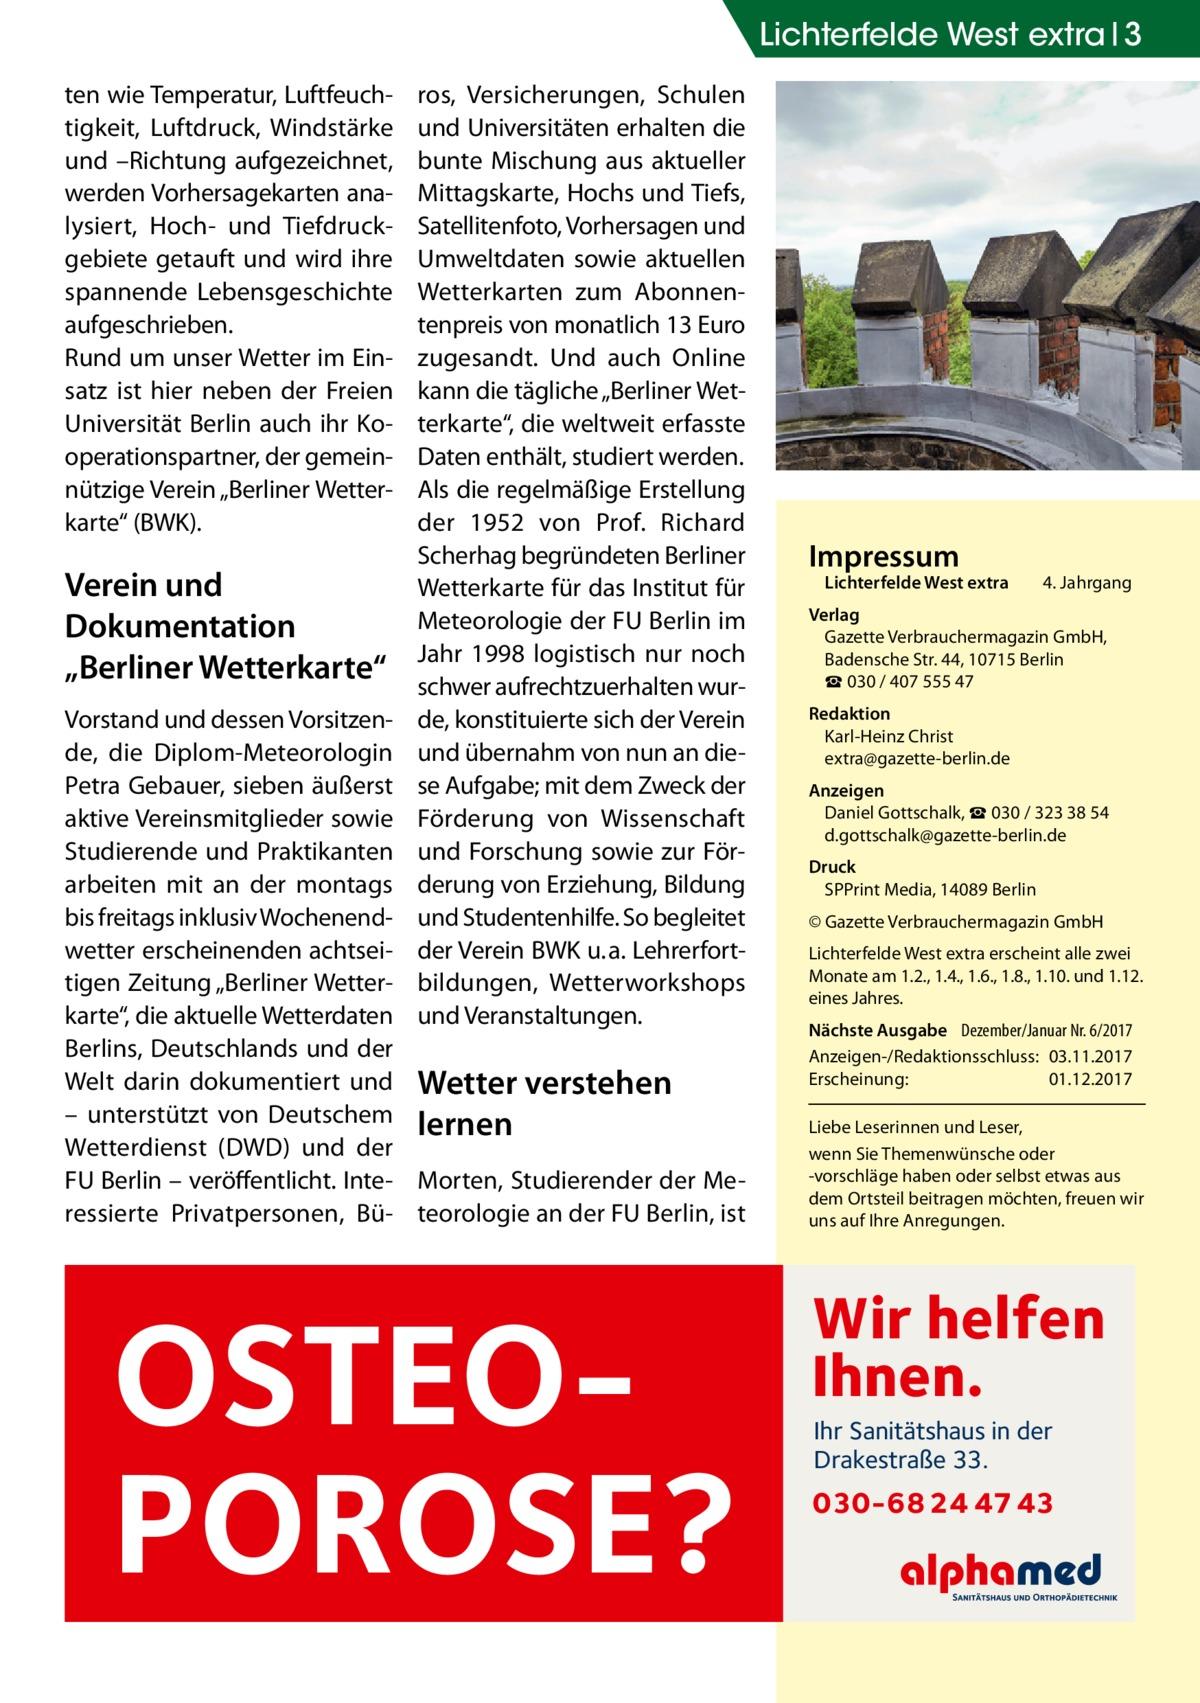 """Lichterfelde West extra 3 ten wie Temperatur, Luftfeuchtigkeit, Luftdruck, Windstärke und –Richtung aufgezeichnet, werden Vorhersagekarten analysiert, Hoch- und Tiefdruckgebiete getauft und wird ihre spannende Lebensgeschichte aufgeschrieben. Rund um unser Wetter im Einsatz ist hier neben der Freien Universität Berlin auch ihr Kooperationspartner, der gemeinnützige Verein """"Berliner Wetterkarte"""" (BWK).  Verein und Dokumentation """"Berliner Wetterkarte""""  ros, Versicherungen, Schulen und Universitäten erhalten die bunte Mischung aus aktueller Mittagskarte, Hochs und Tiefs, Satellitenfoto, Vorhersagen und Umweltdaten sowie aktuellen Wetterkarten zum Abonnentenpreis von monatlich 13Euro zugesandt. Und auch Online kann die tägliche """"Berliner Wetterkarte"""", die weltweit erfasste Daten enthält, studiert werden. Als die regelmäßige Erstellung der 1952 von Prof. Richard Scherhag begründeten Berliner Wetterkarte für das Institut für Meteorologie der FU Berlin im Jahr 1998 logistisch nur noch schwer aufrechtzuerhalten wurde, konstituierte sich der Verein und übernahm von nun an diese Aufgabe; mit dem Zweck der Förderung von Wissenschaft und Forschung sowie zur Förderung von Erziehung, Bildung und Studentenhilfe. So begleitet der Verein BWK u.a. Lehrerfortbildungen, Wetterworkshops und Veranstaltungen.  Vorstand und dessen Vorsitzende, die Diplom-Meteorologin Petra Gebauer, sieben äußerst aktive Vereinsmitglieder sowie Studierende und Praktikanten arbeiten mit an der montags bis freitags inklusiv Wochenendwetter erscheinenden achtseitigen Zeitung """"Berliner Wetterkarte"""", die aktuelle Wetterdaten Berlins, Deutschlands und der Welt darin dokumentiert und Wetter verstehen – unterstützt von Deutschem lernen Wetterdienst (DWD) und der FU Berlin – veröffentlicht. Inte- Morten, Studierender der Meressierte Privatpersonen, Bü- teorologie an der FU Berlin, ist  OSTEOPOROSE?  Impressum  Lichterfelde West extra  4. Jahrgang  Verlag Gazette Verbrauchermagazin GmbH, BadenscheStr.44, 10715Berlin """